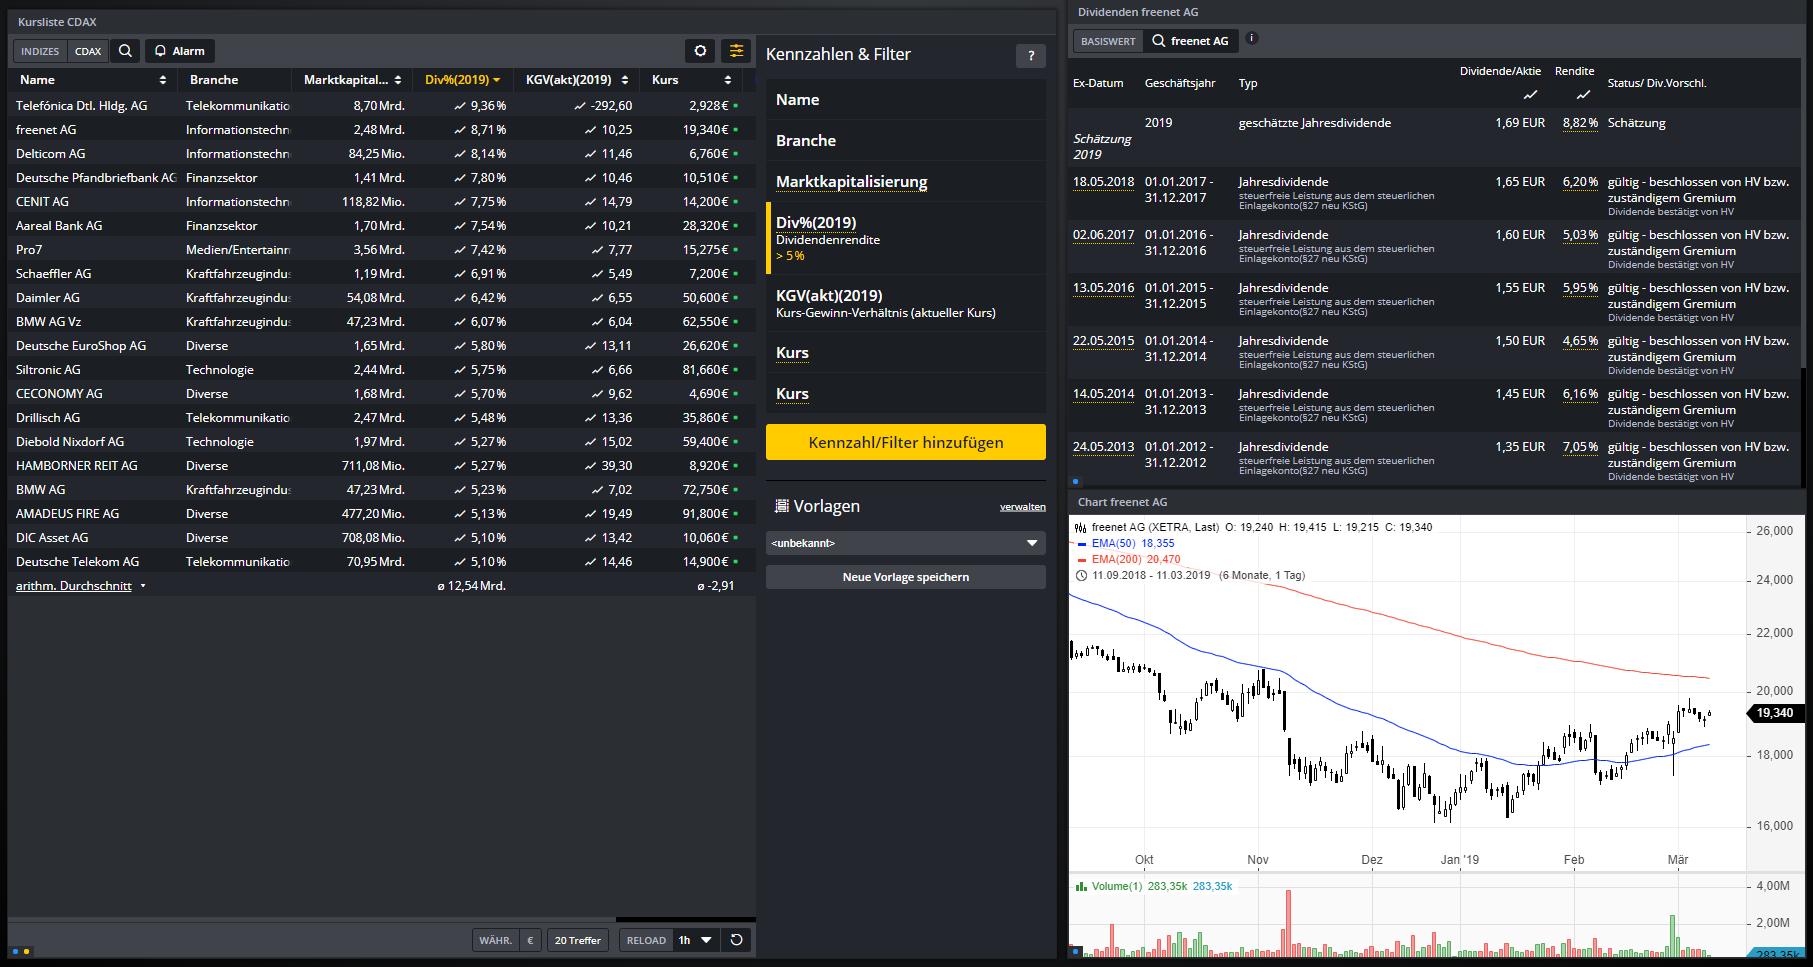 Dividenden-Aktien-Diese-deutschen-Werte-rentieren-mit-über-5-Chartanalyse-Daniel-Kühn-GodmodeTrader.de-1